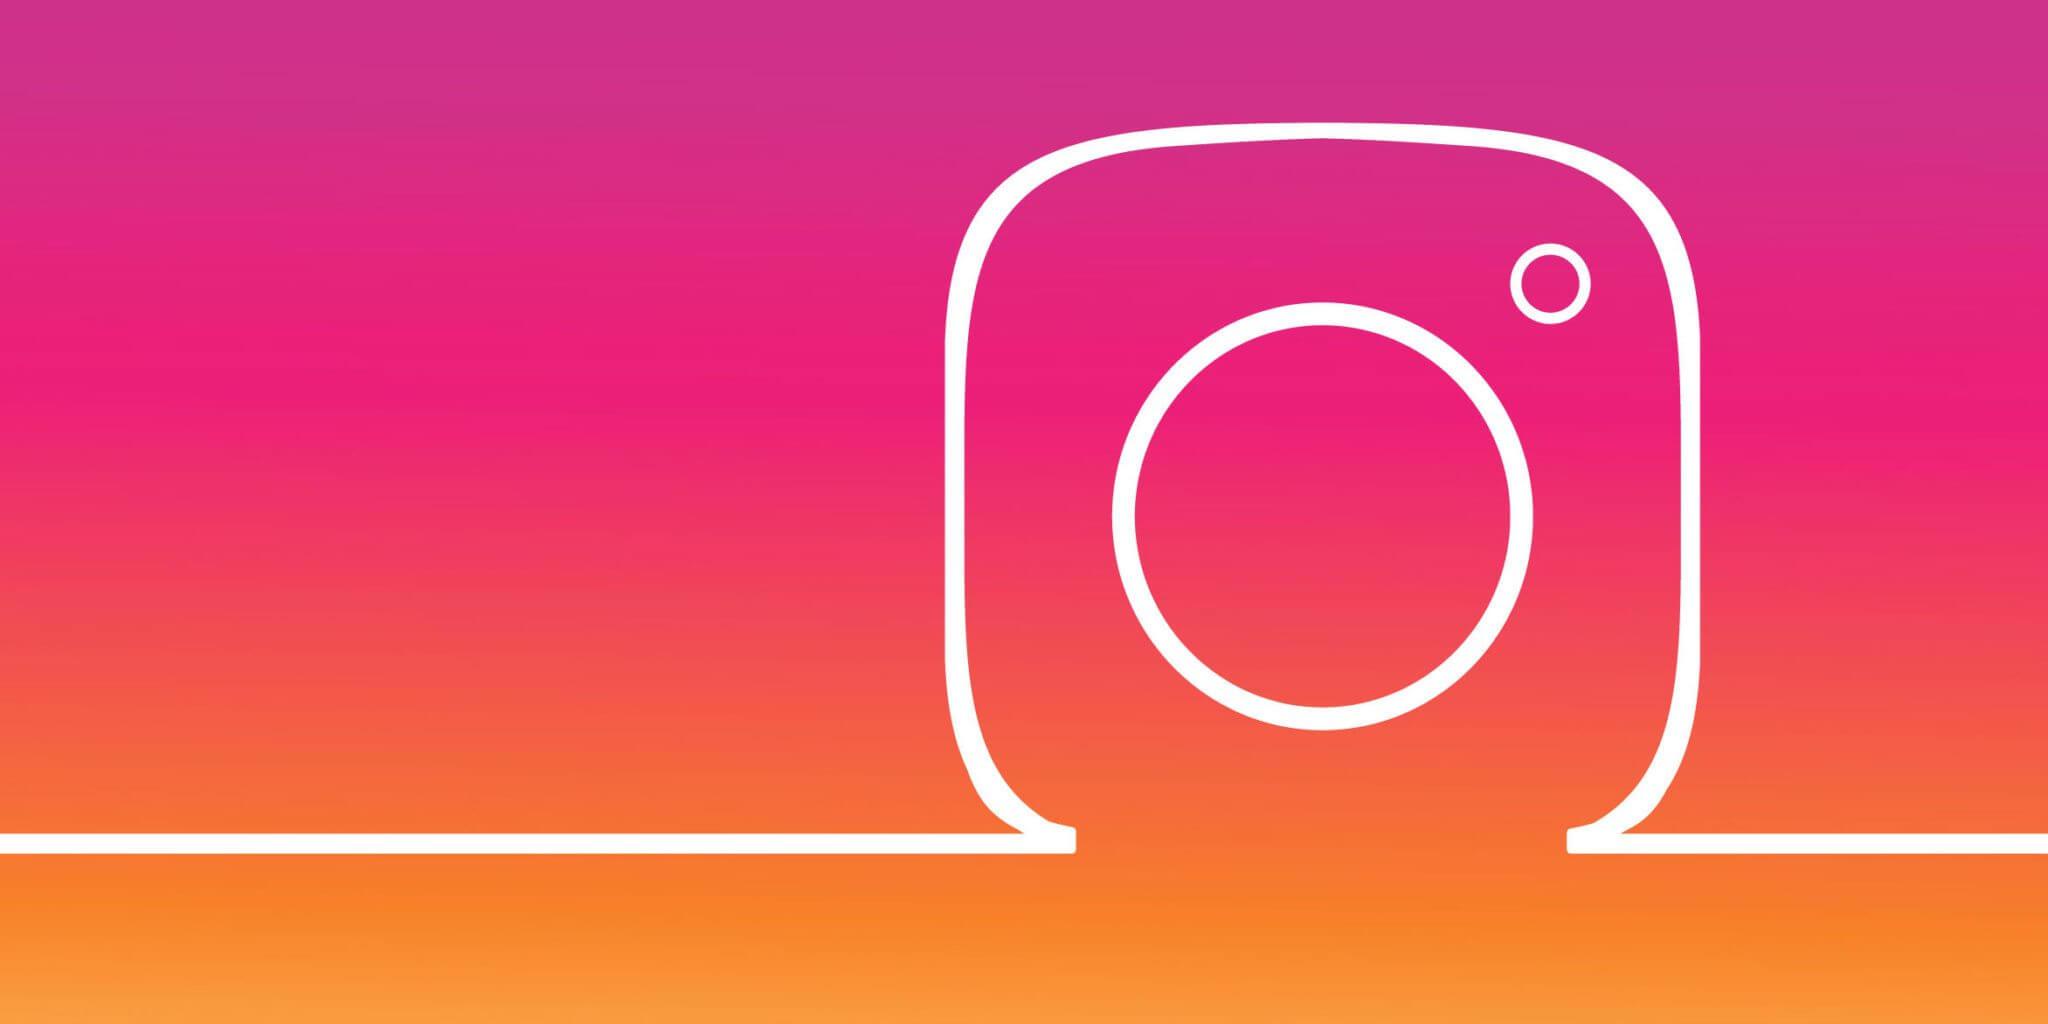 7e7b3587747f5d86 2048x1024 - Instagram: como desativar a opção de status de atividade e evitar stalkers